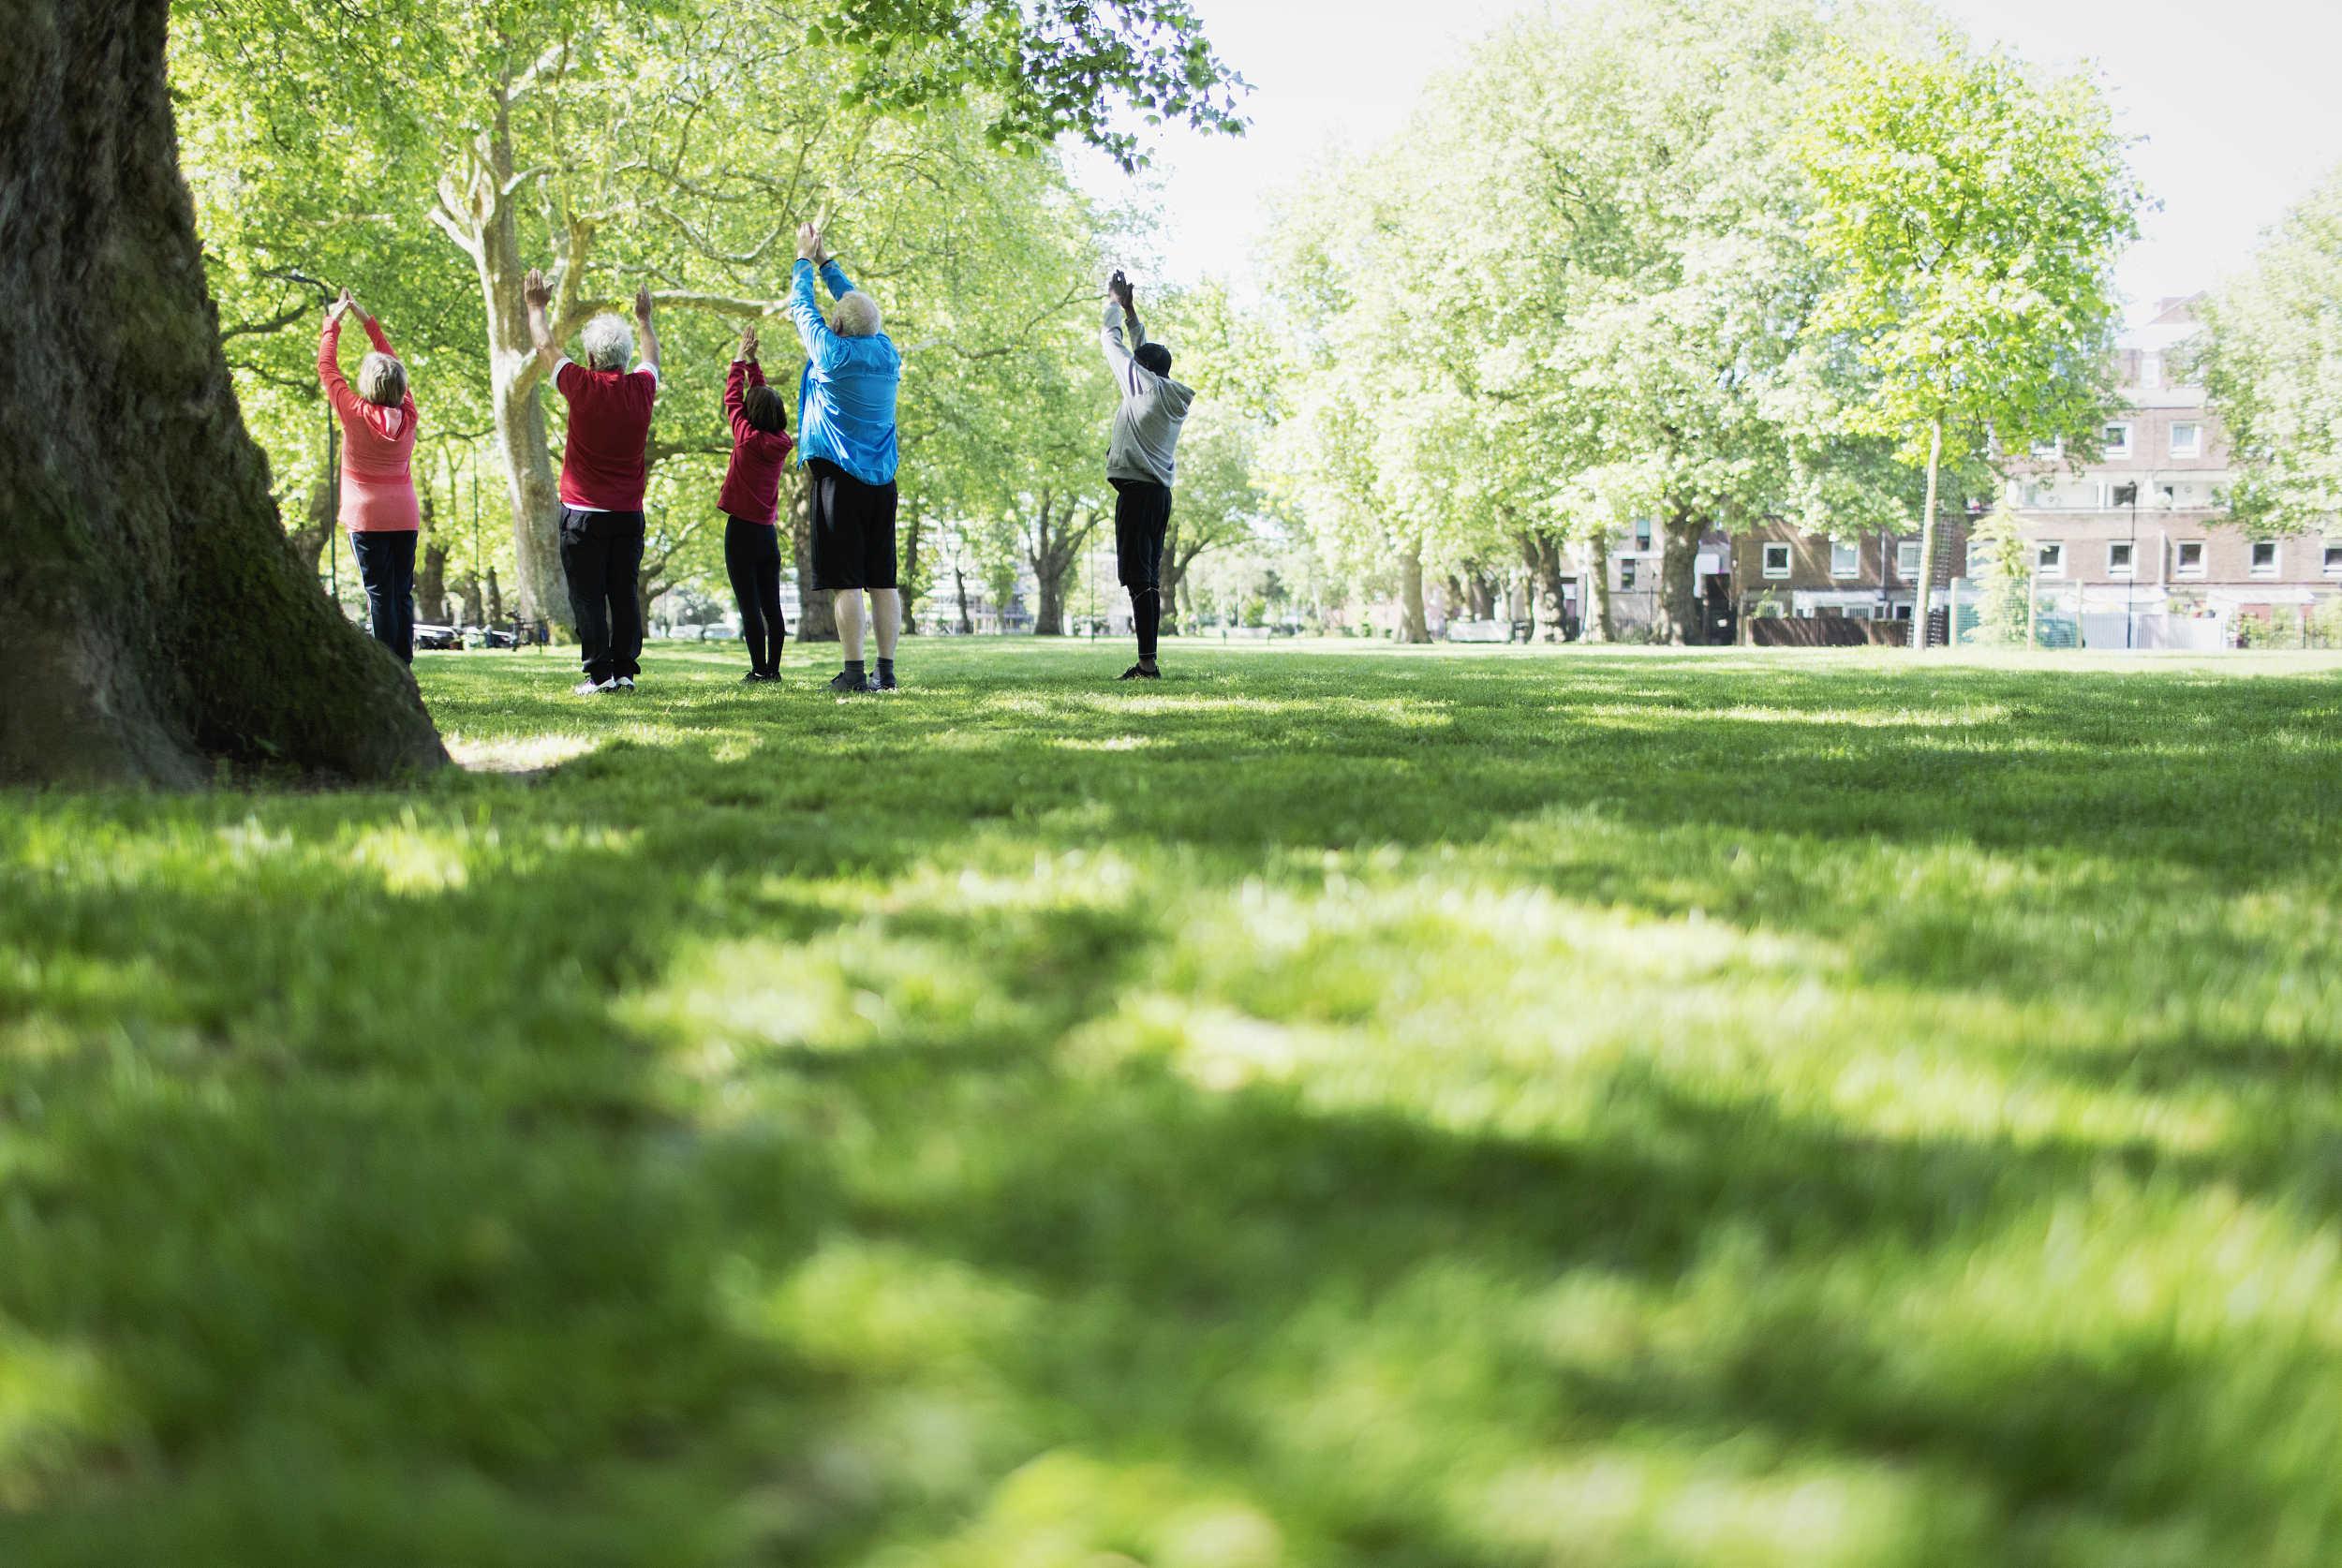 動起來!春暖花開,最適合做這些運動